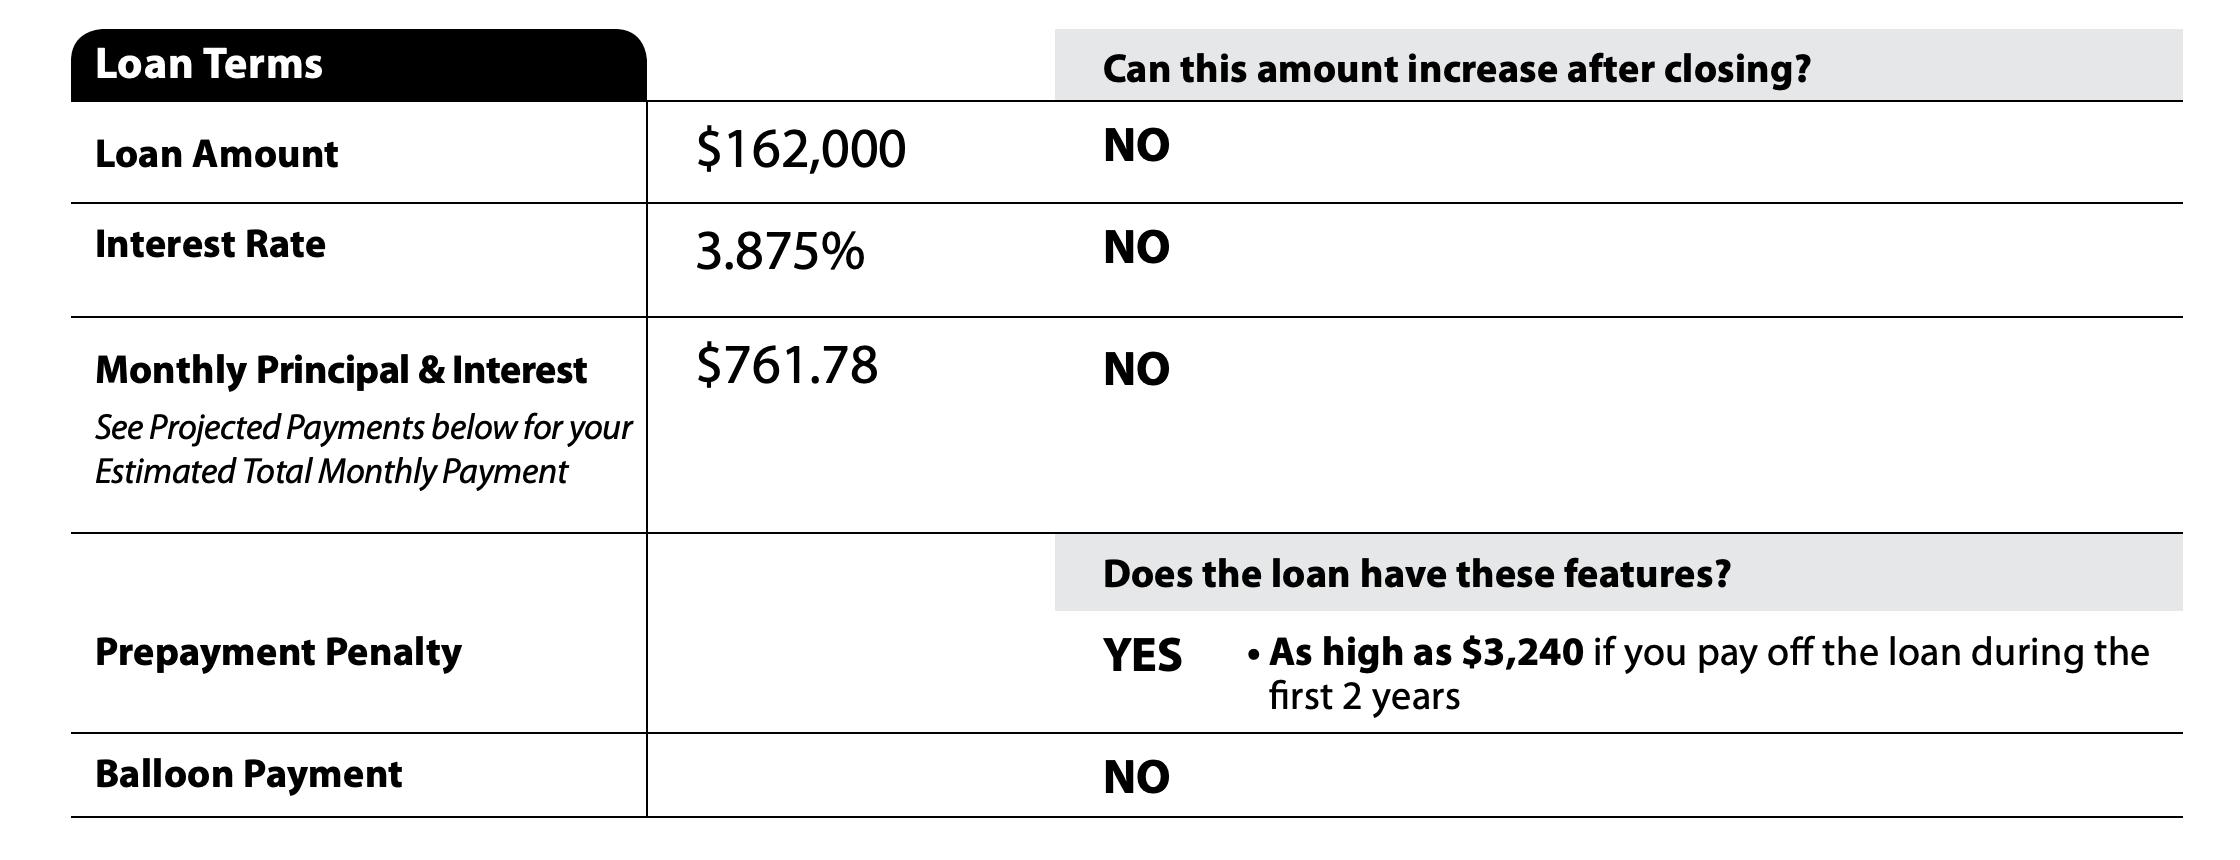 Loan estimate - prepayment penalty